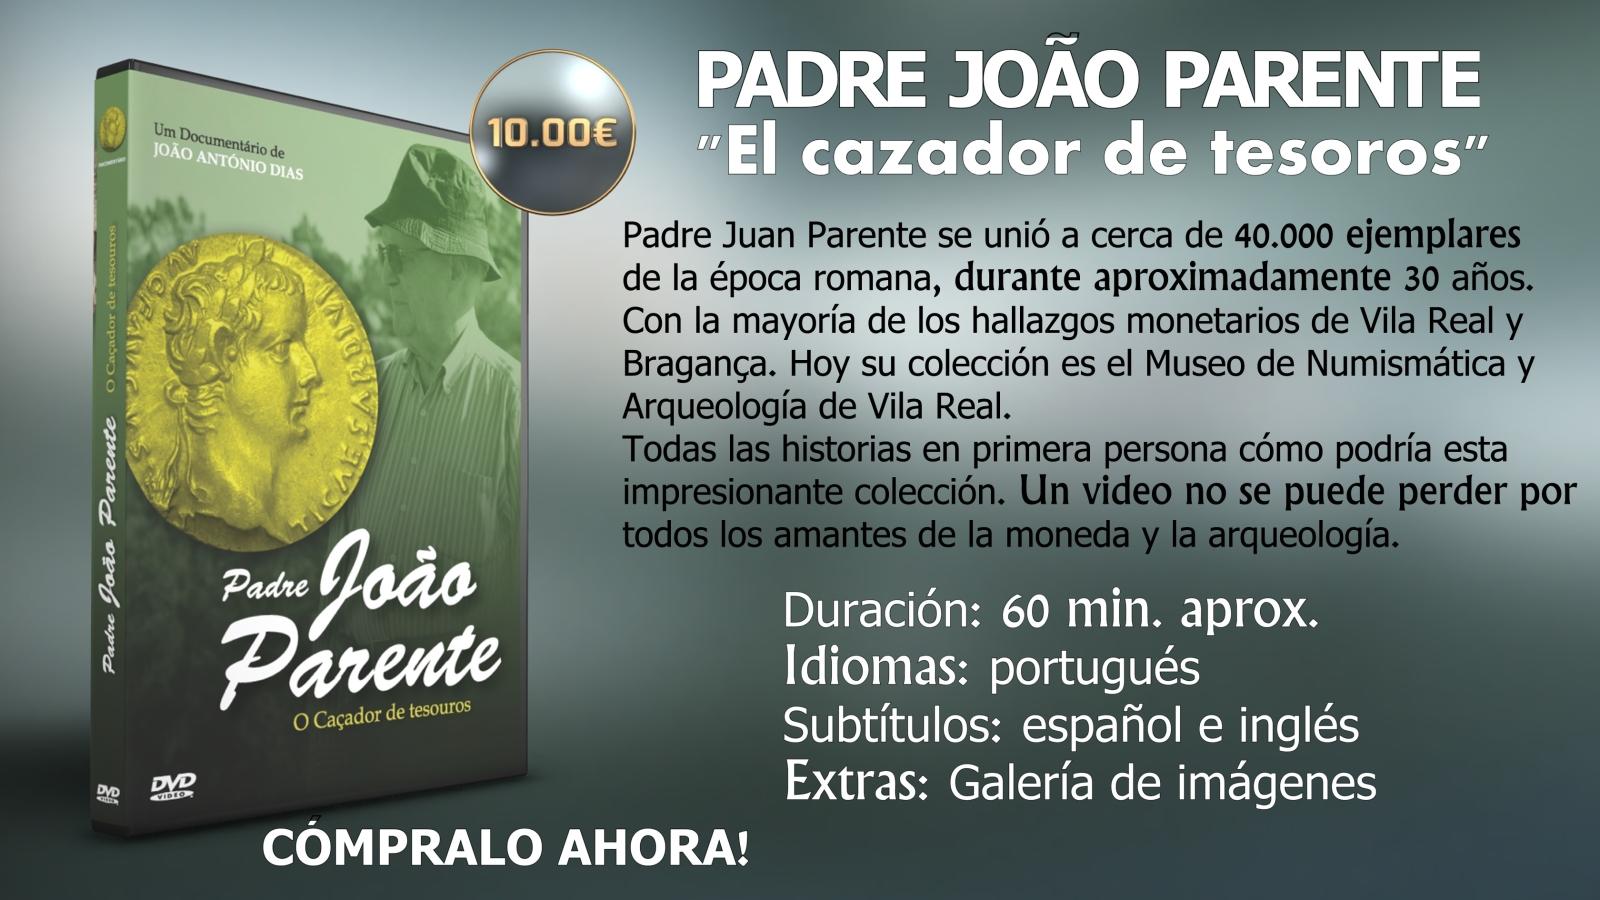 YA DISPONIBLE EL DVD PADRE JOAO PARENTE EL CAZADOR DE TESOROS 2vnj5f4